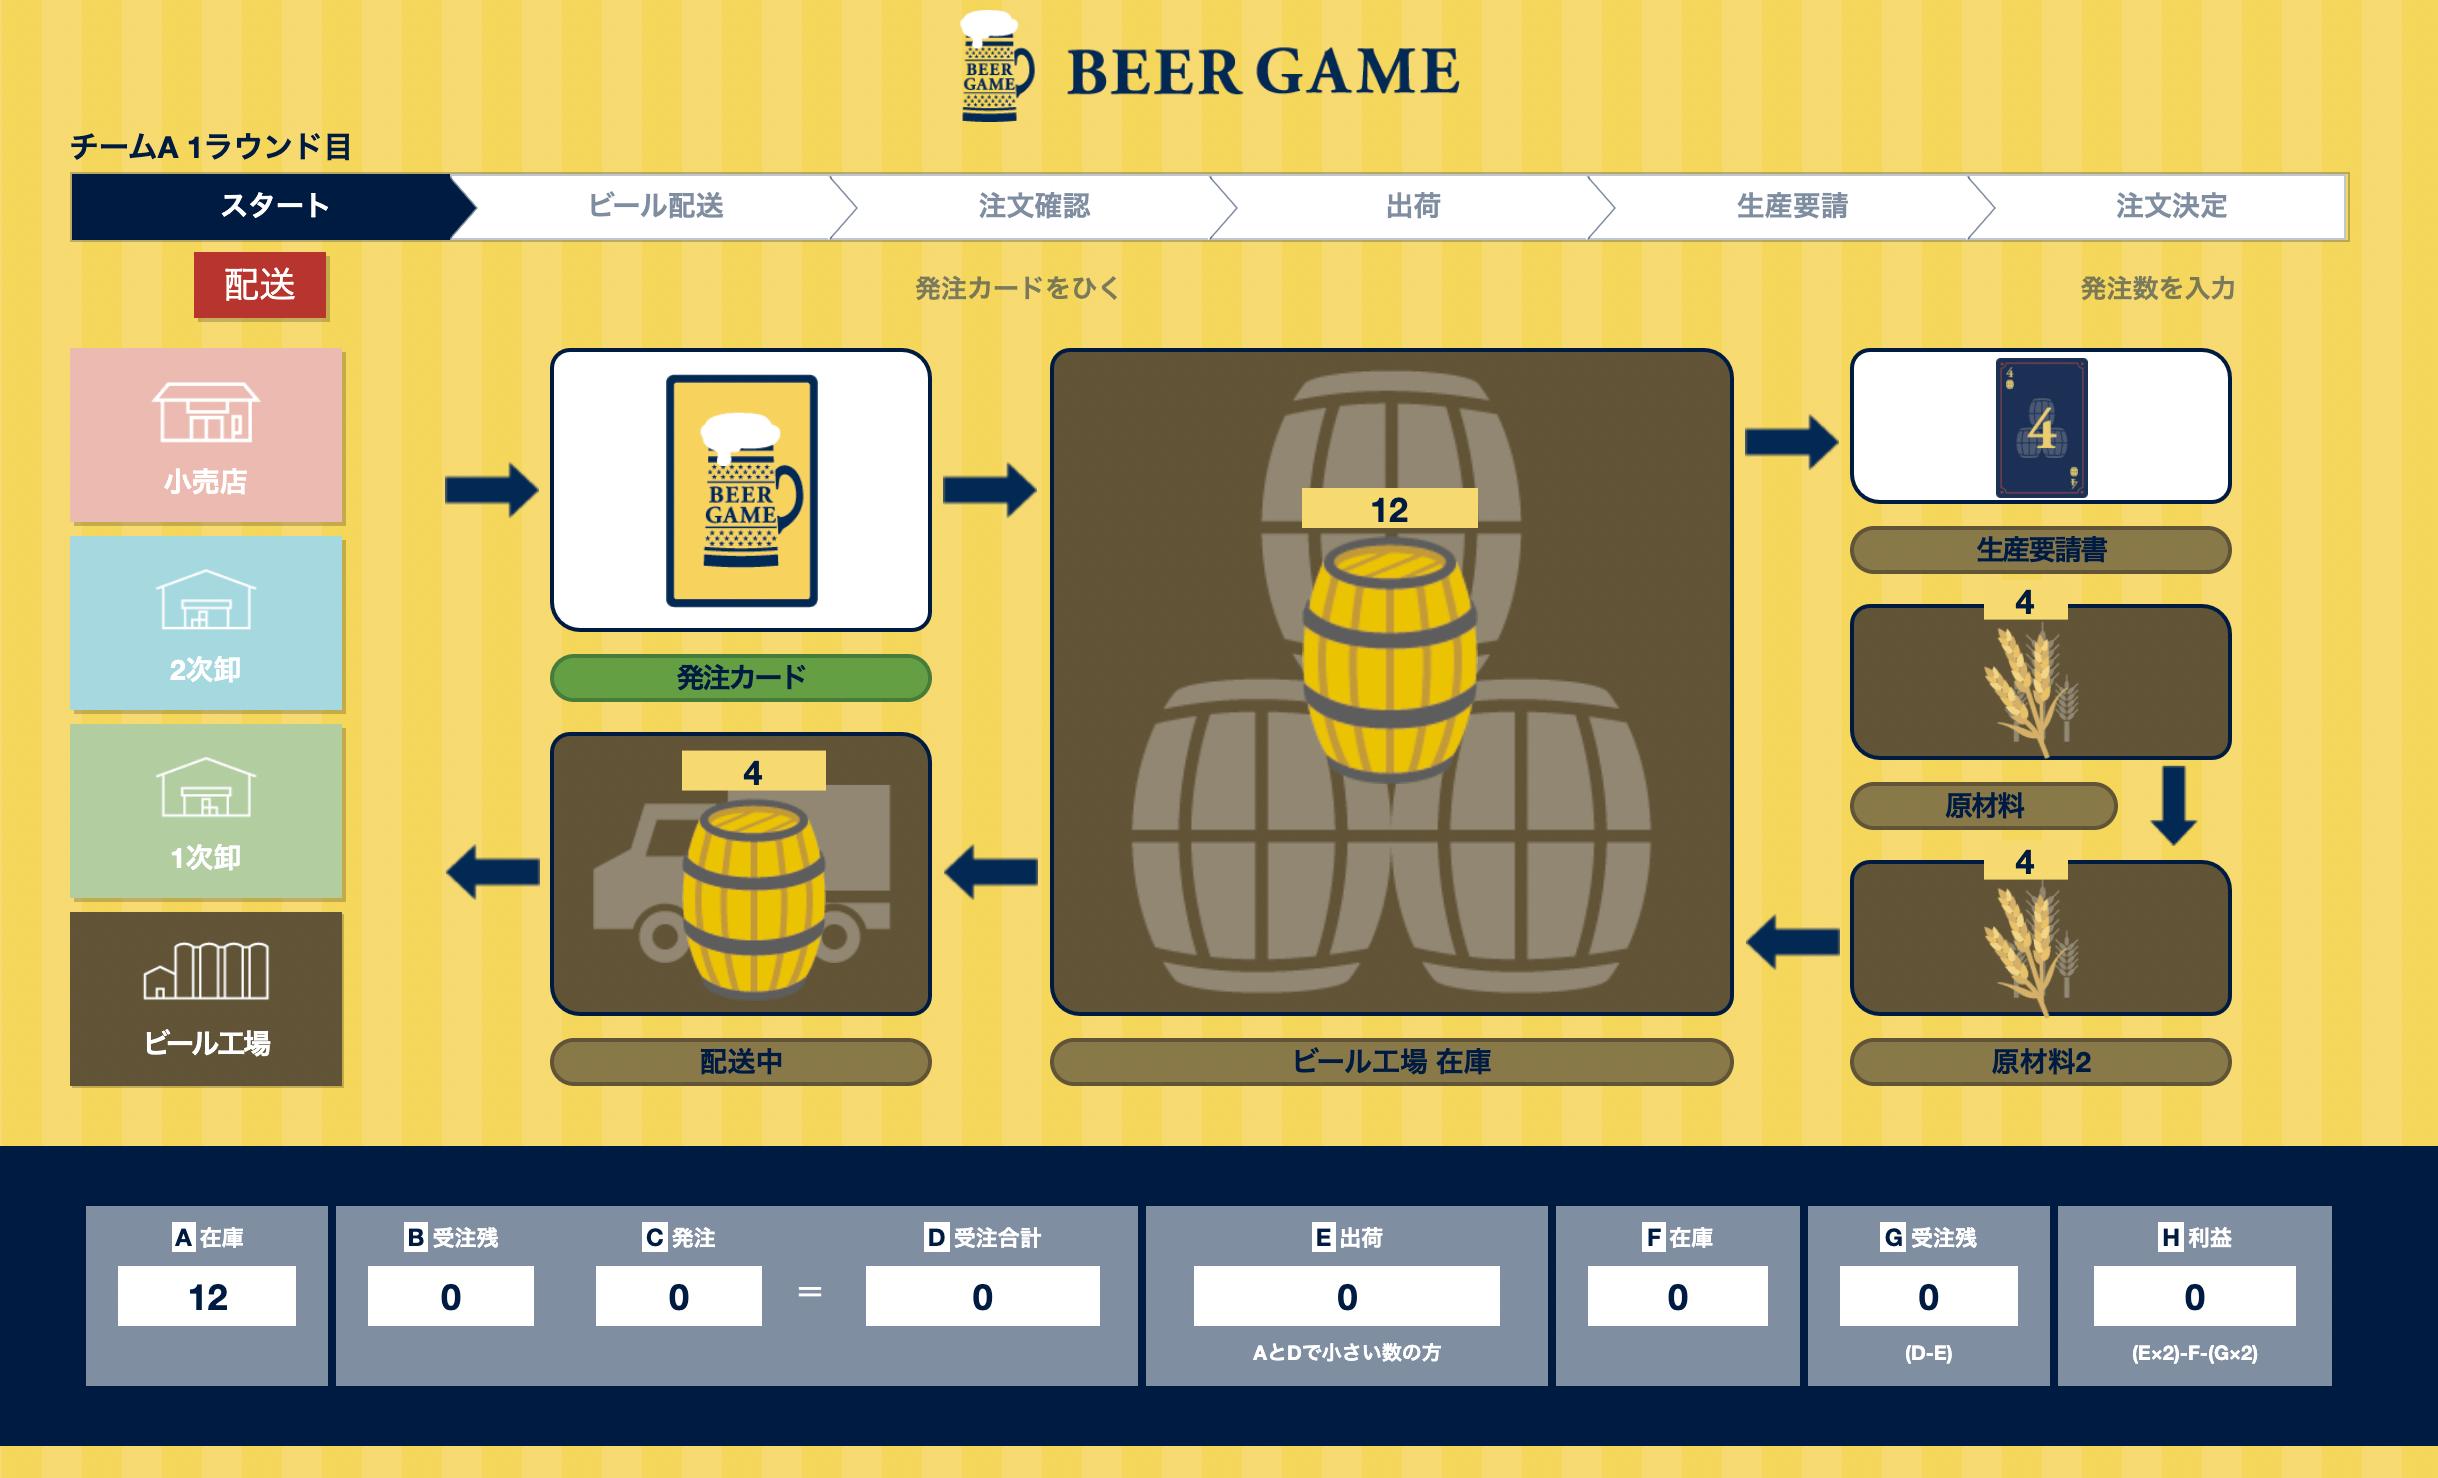 ビールゲームオンライン ビール工場